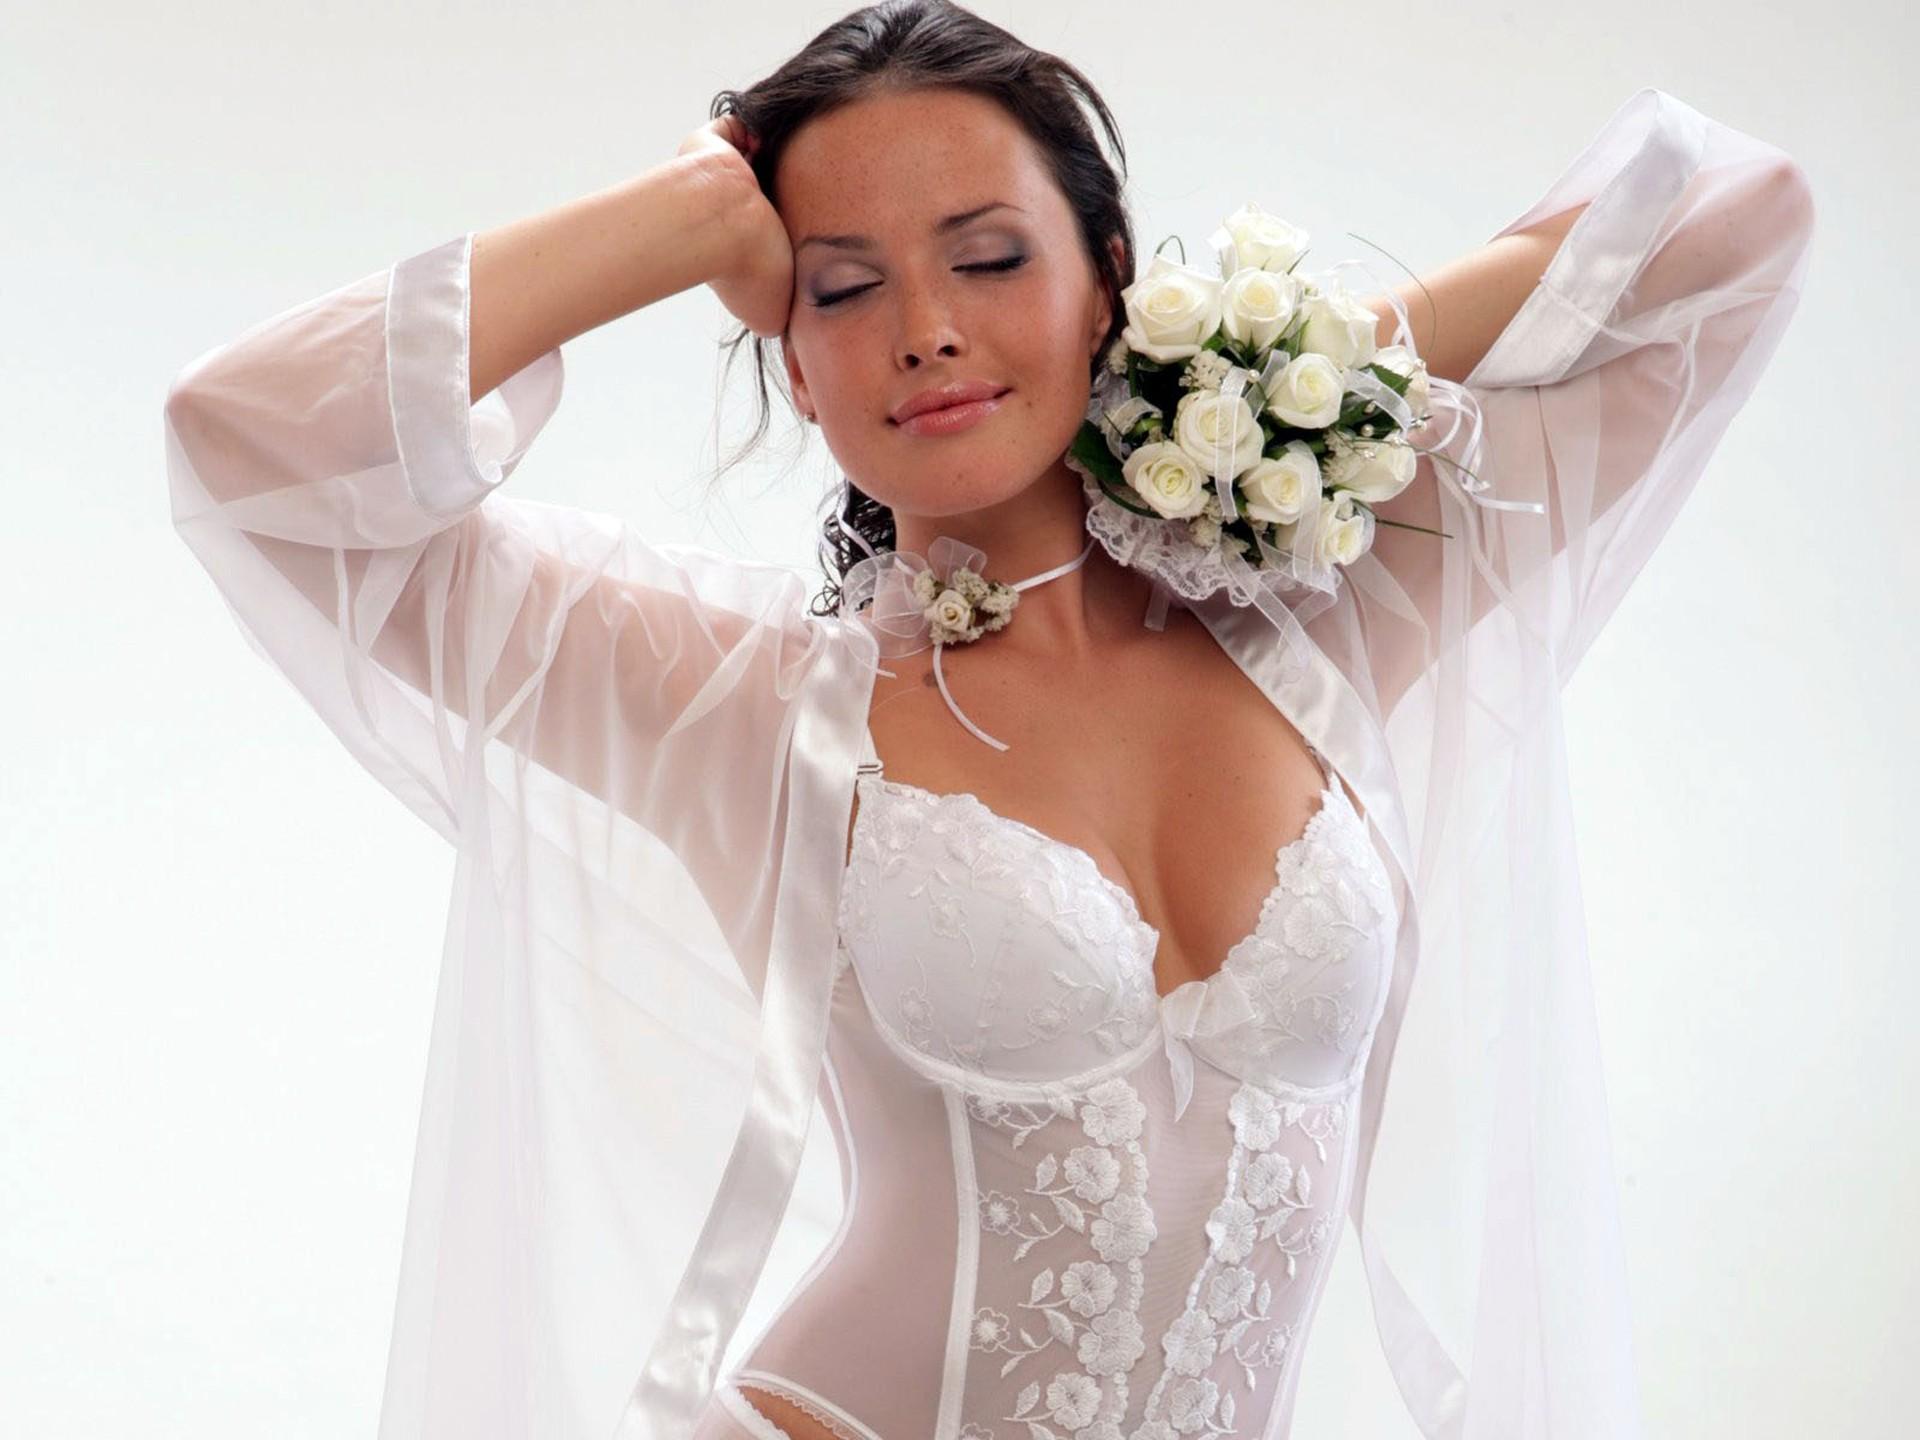 Рассказы про невест 7 фотография